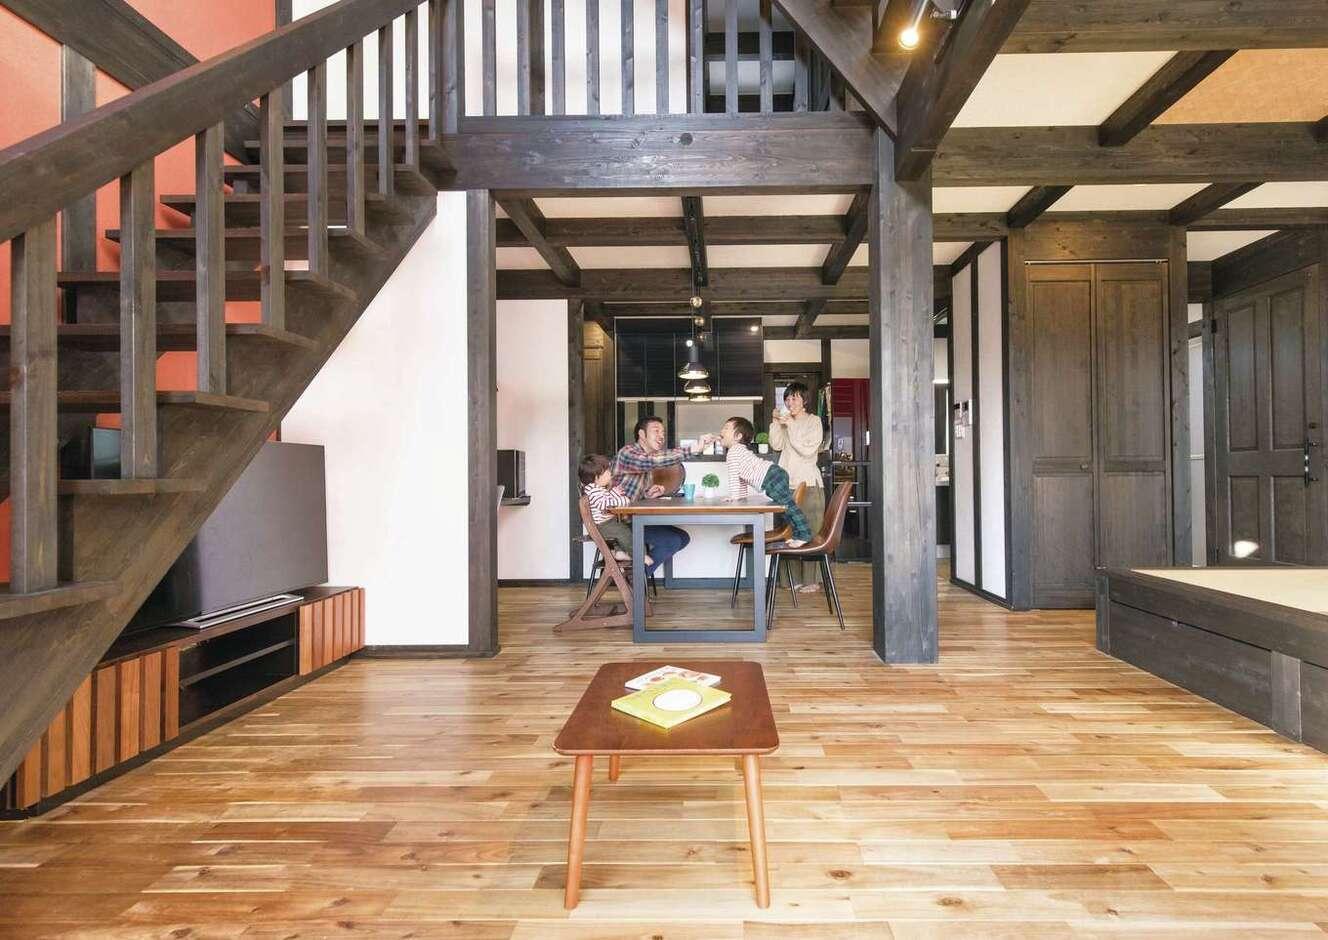 サイエンスホーム甲府店・笛吹店【デザイン住宅、自然素材、間取り】家族がどこにいてもつながりを感じる大きな吹抜けのLDK。アカシアの床の経年変化も楽しみ